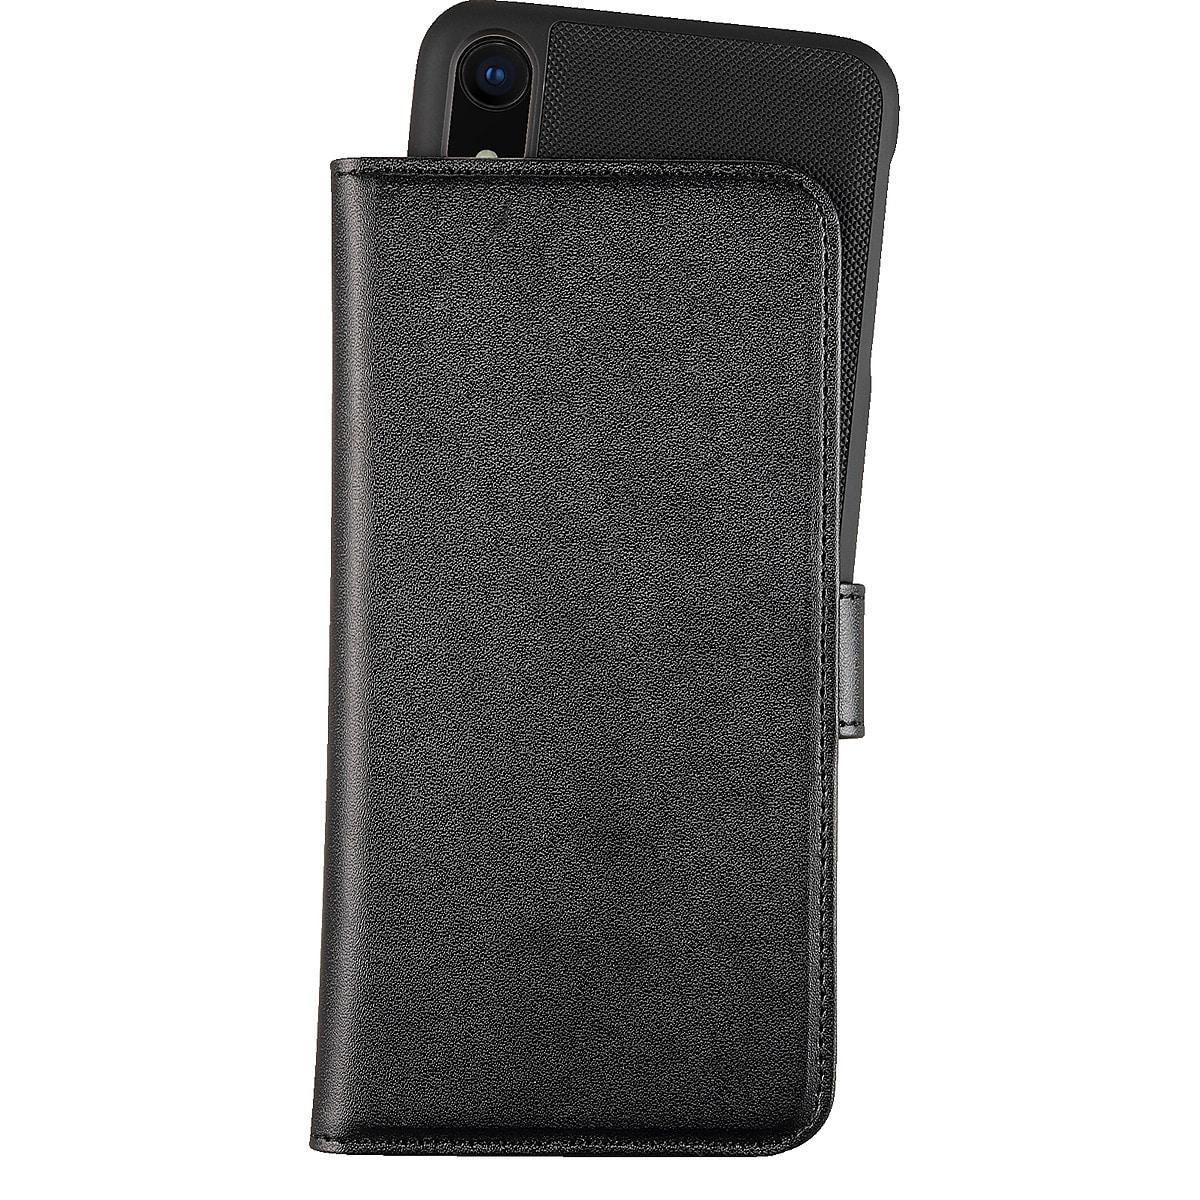 Taschenportemonnaie für iPhone XS Max, Holdit